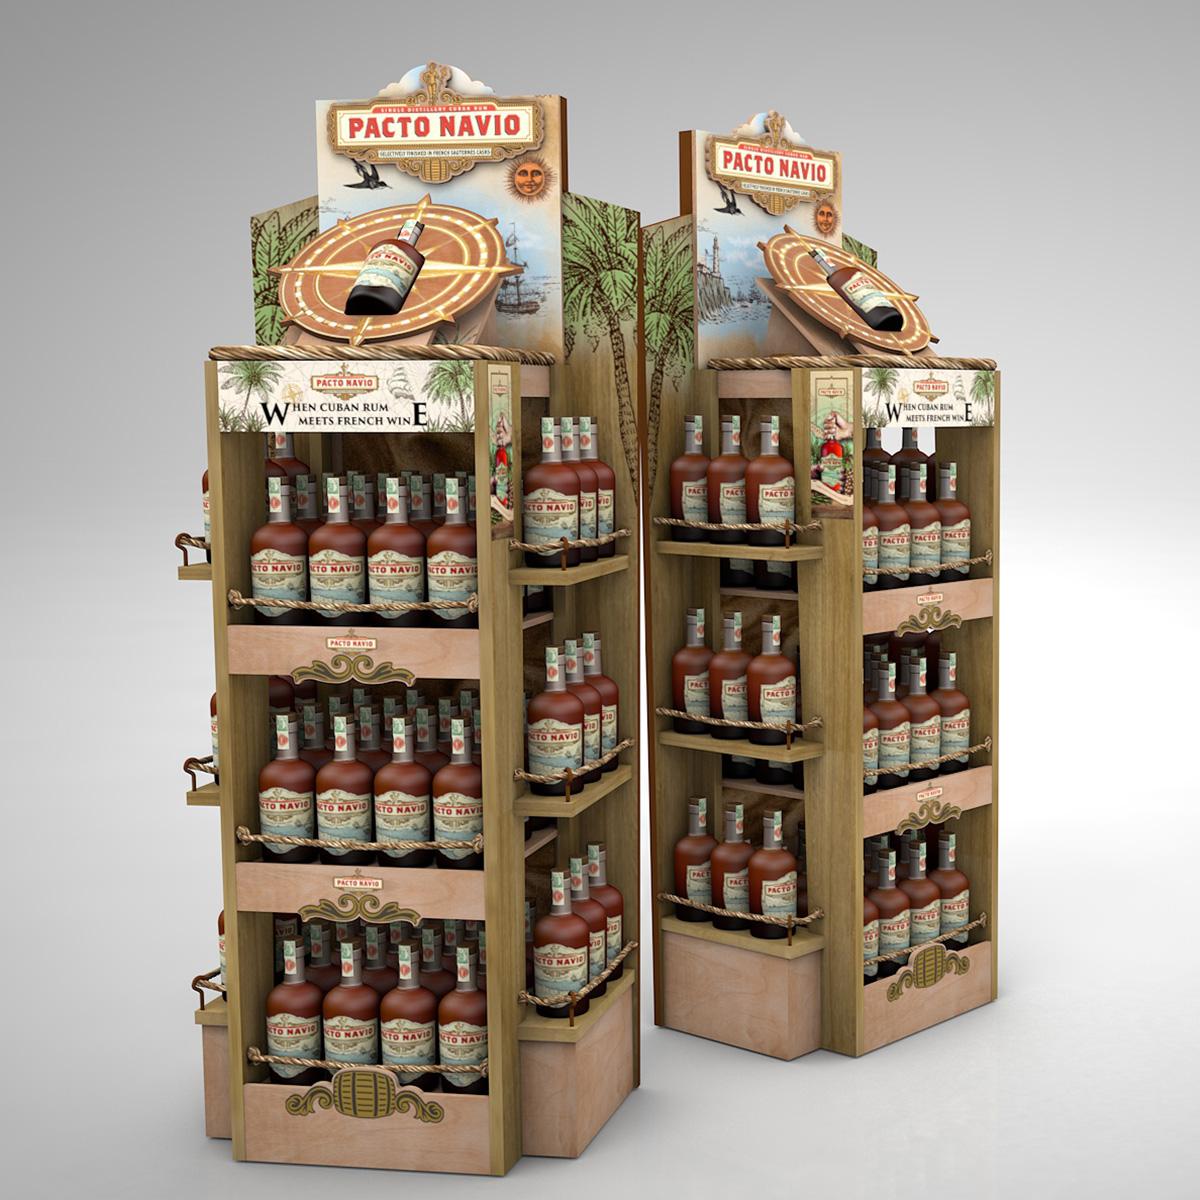 Exkluzívny drevený displej pre Pacto Navio rum, Pernod